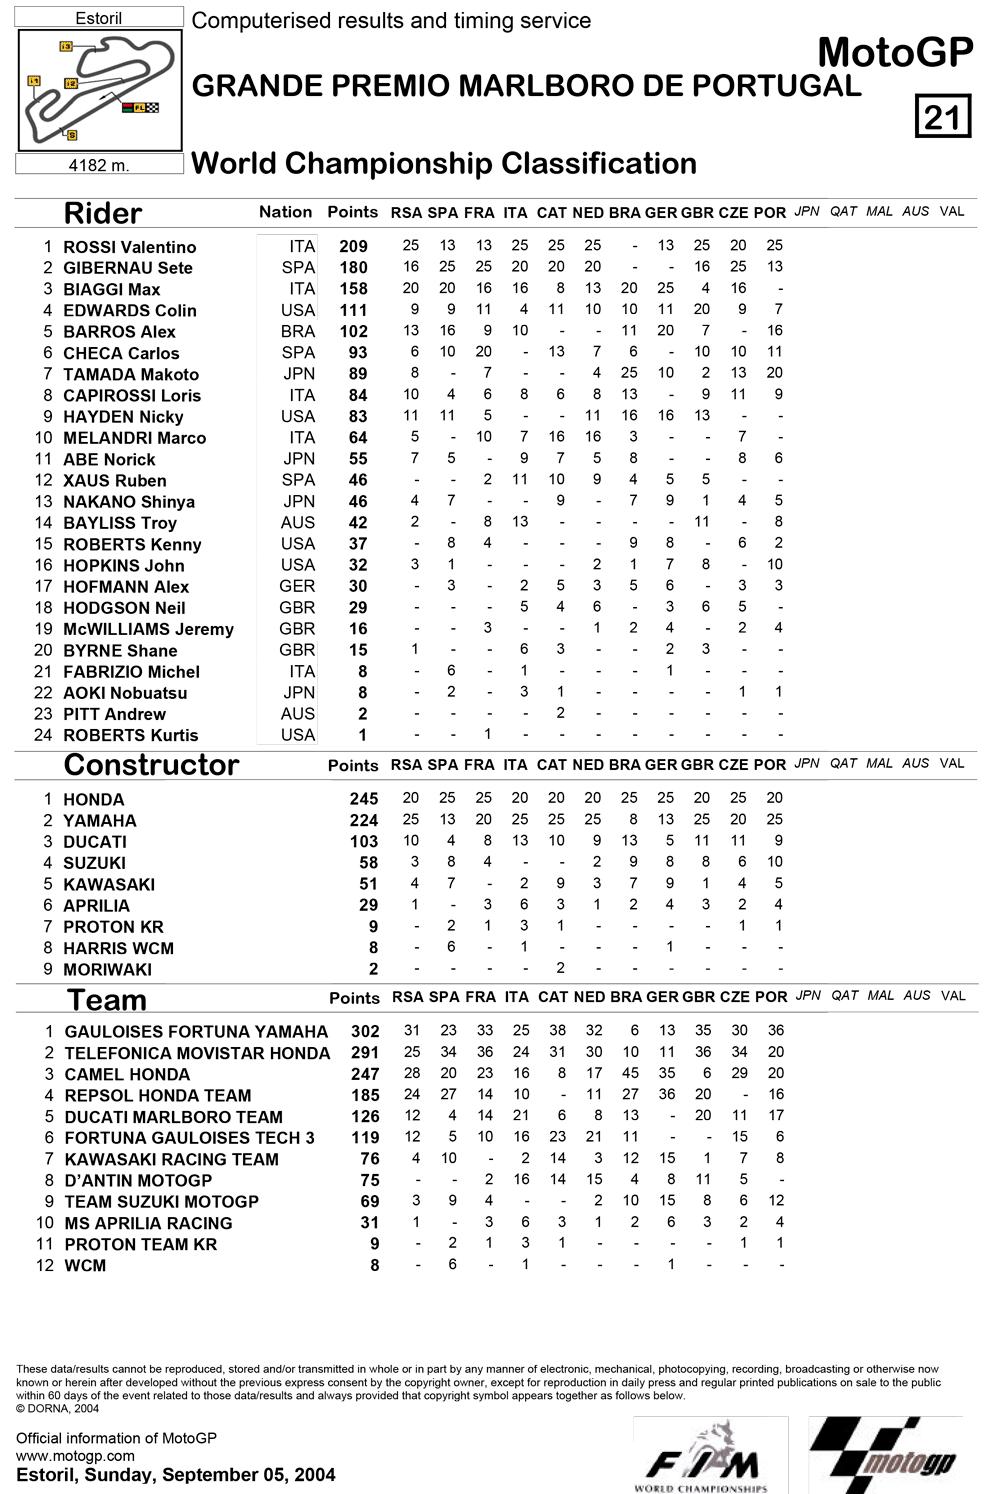 Позиции в чемпионате после одиннадцатой гонки MotoGP Гран-При Португалии 2004